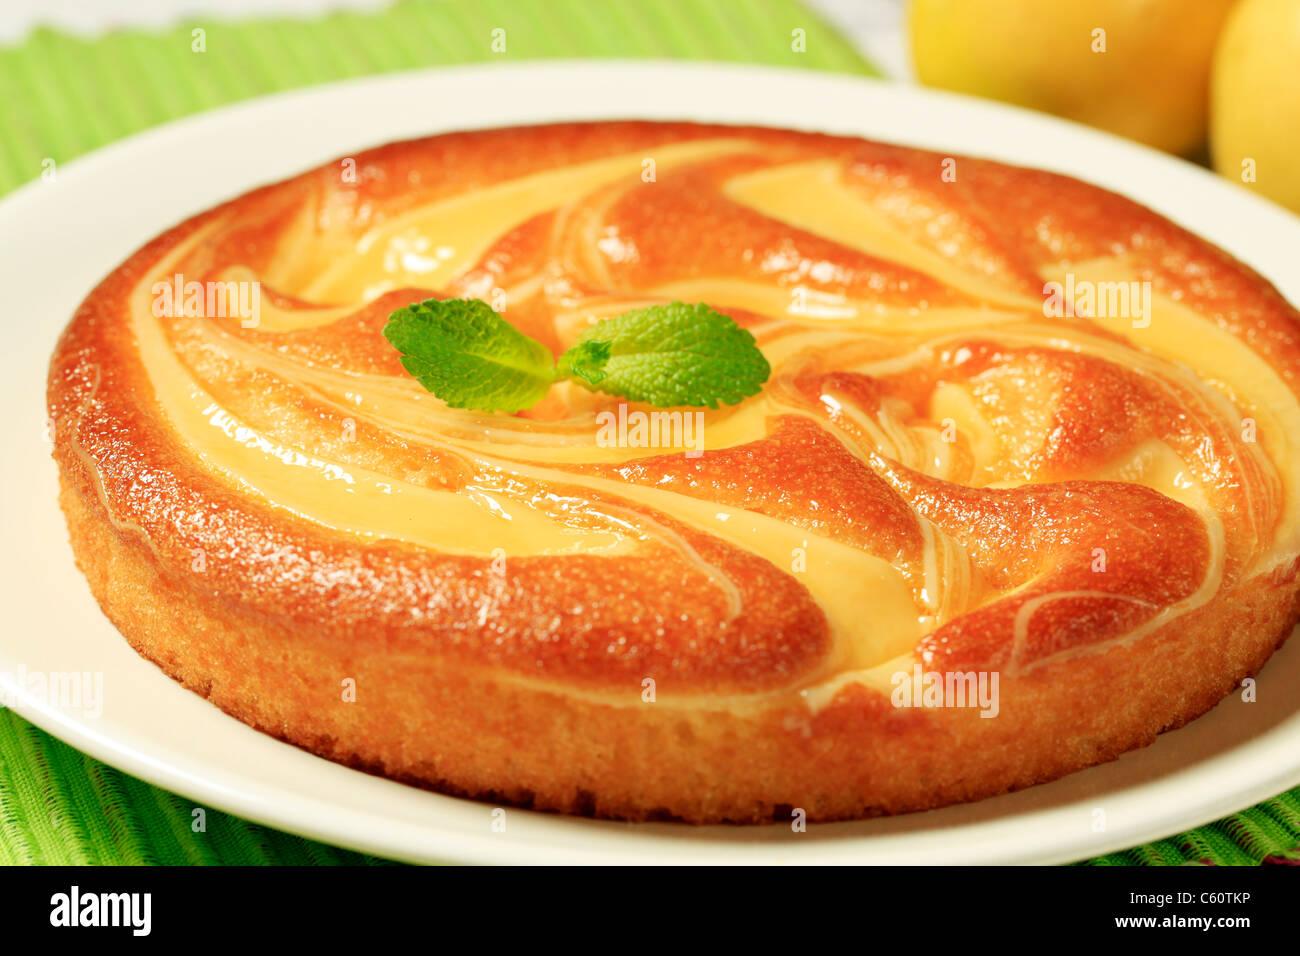 Frisch gebackenen süßen Quark Kuchen Stockfoto